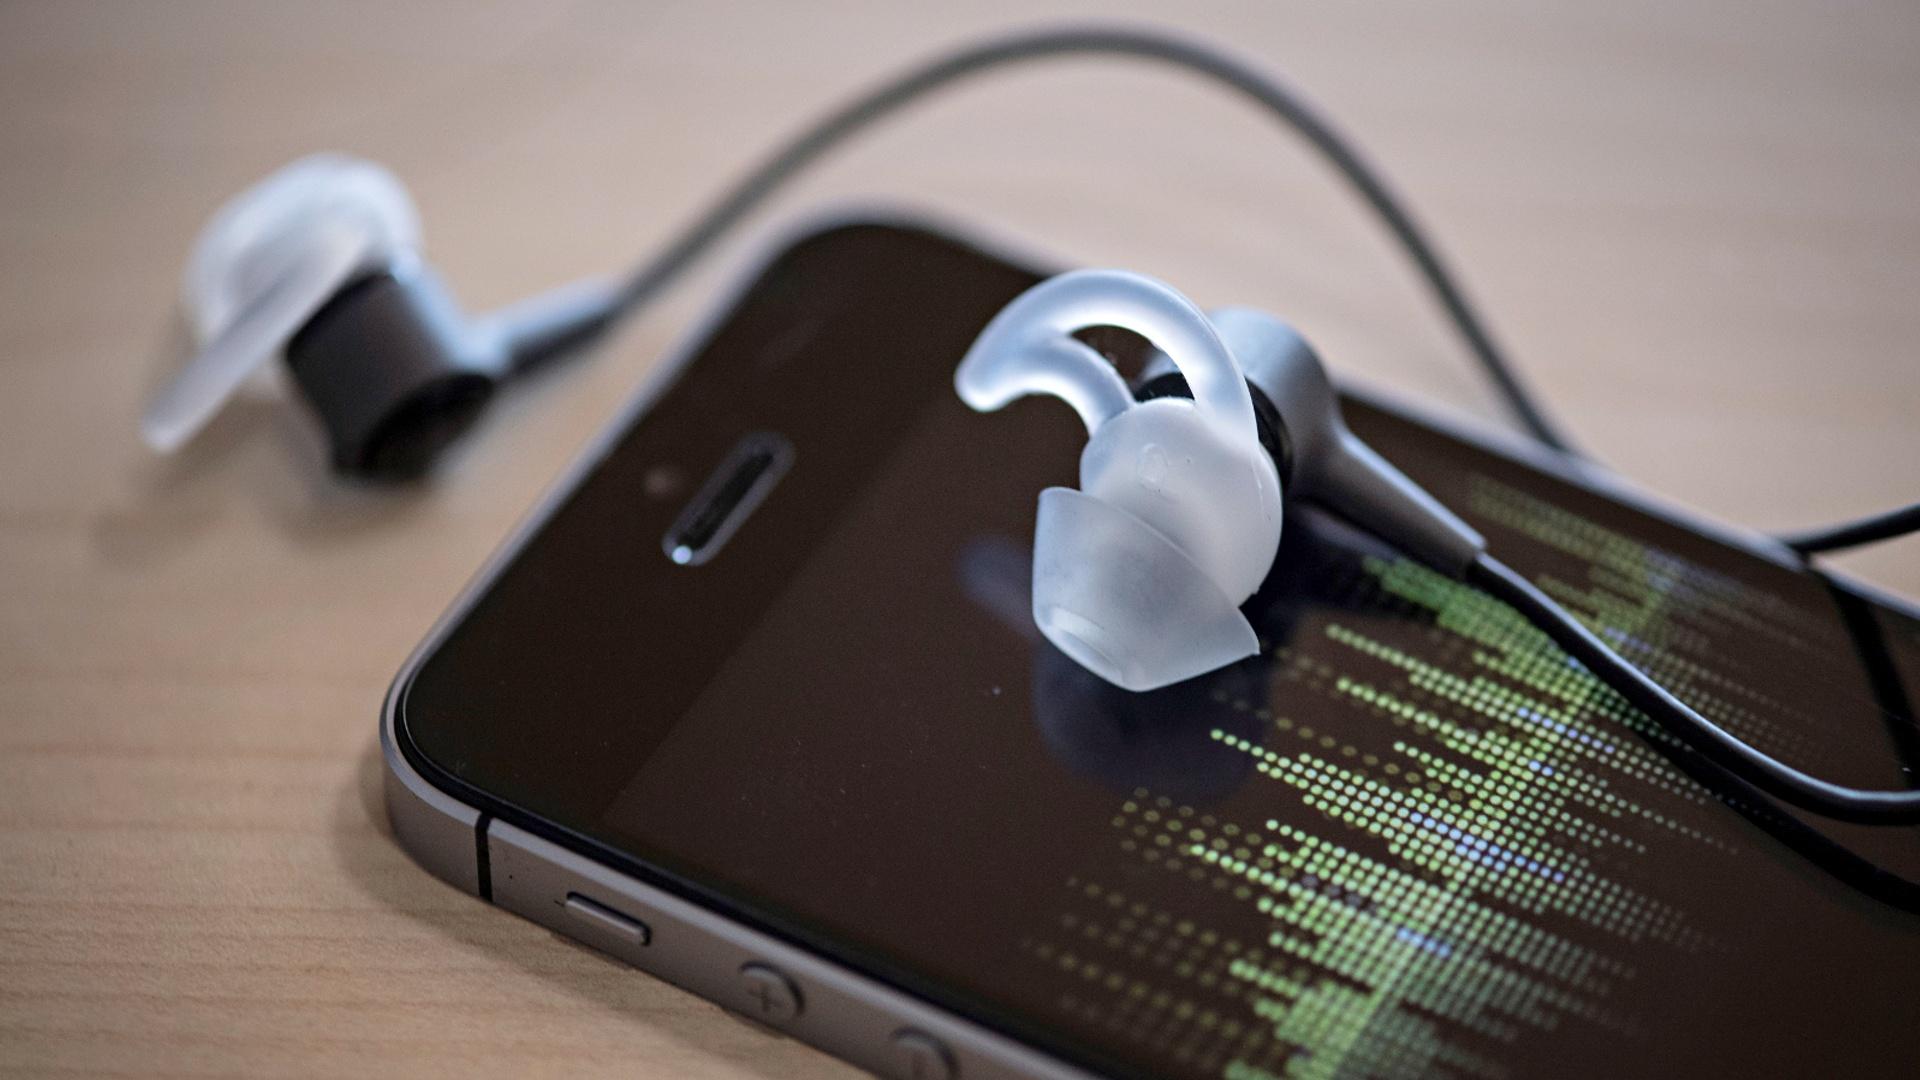 ВОЗ: более 1 млрд людей могут потерять слух из-за громкой музыки в наушниках